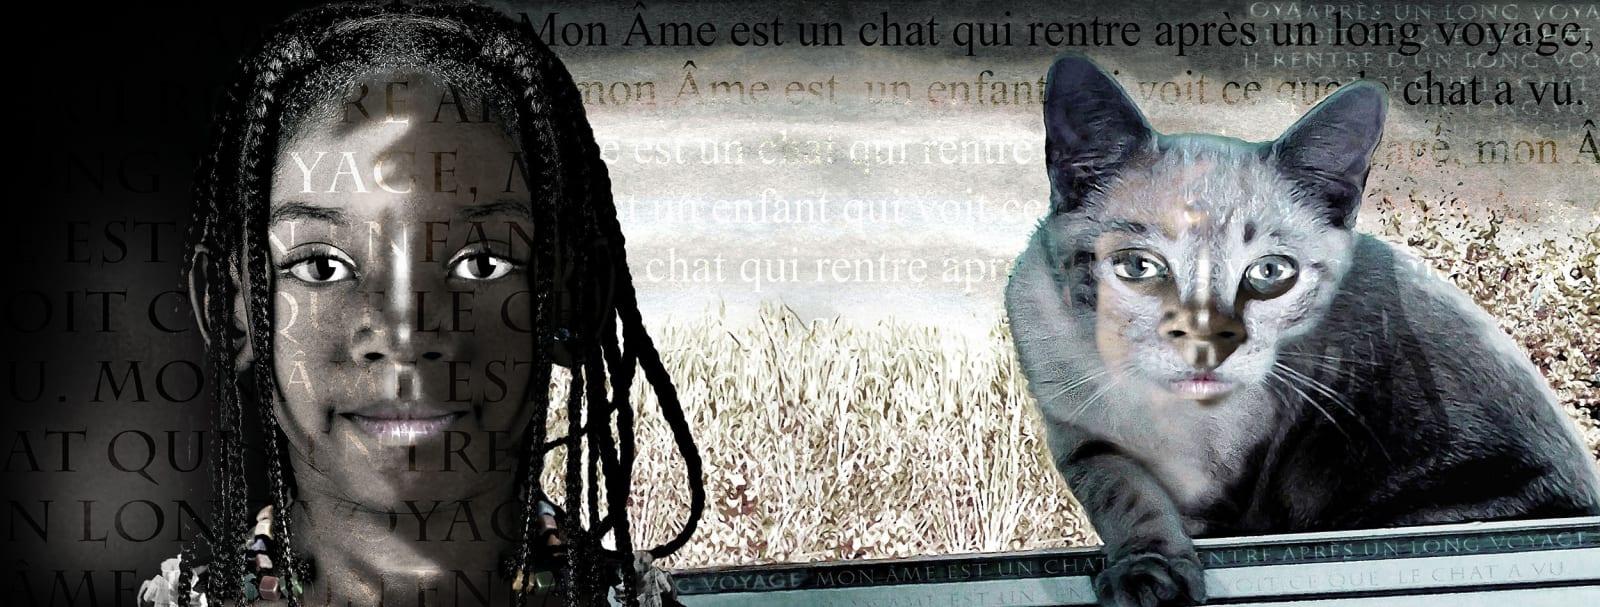 Alain Lacki, Mon Âme est un chat, 2014